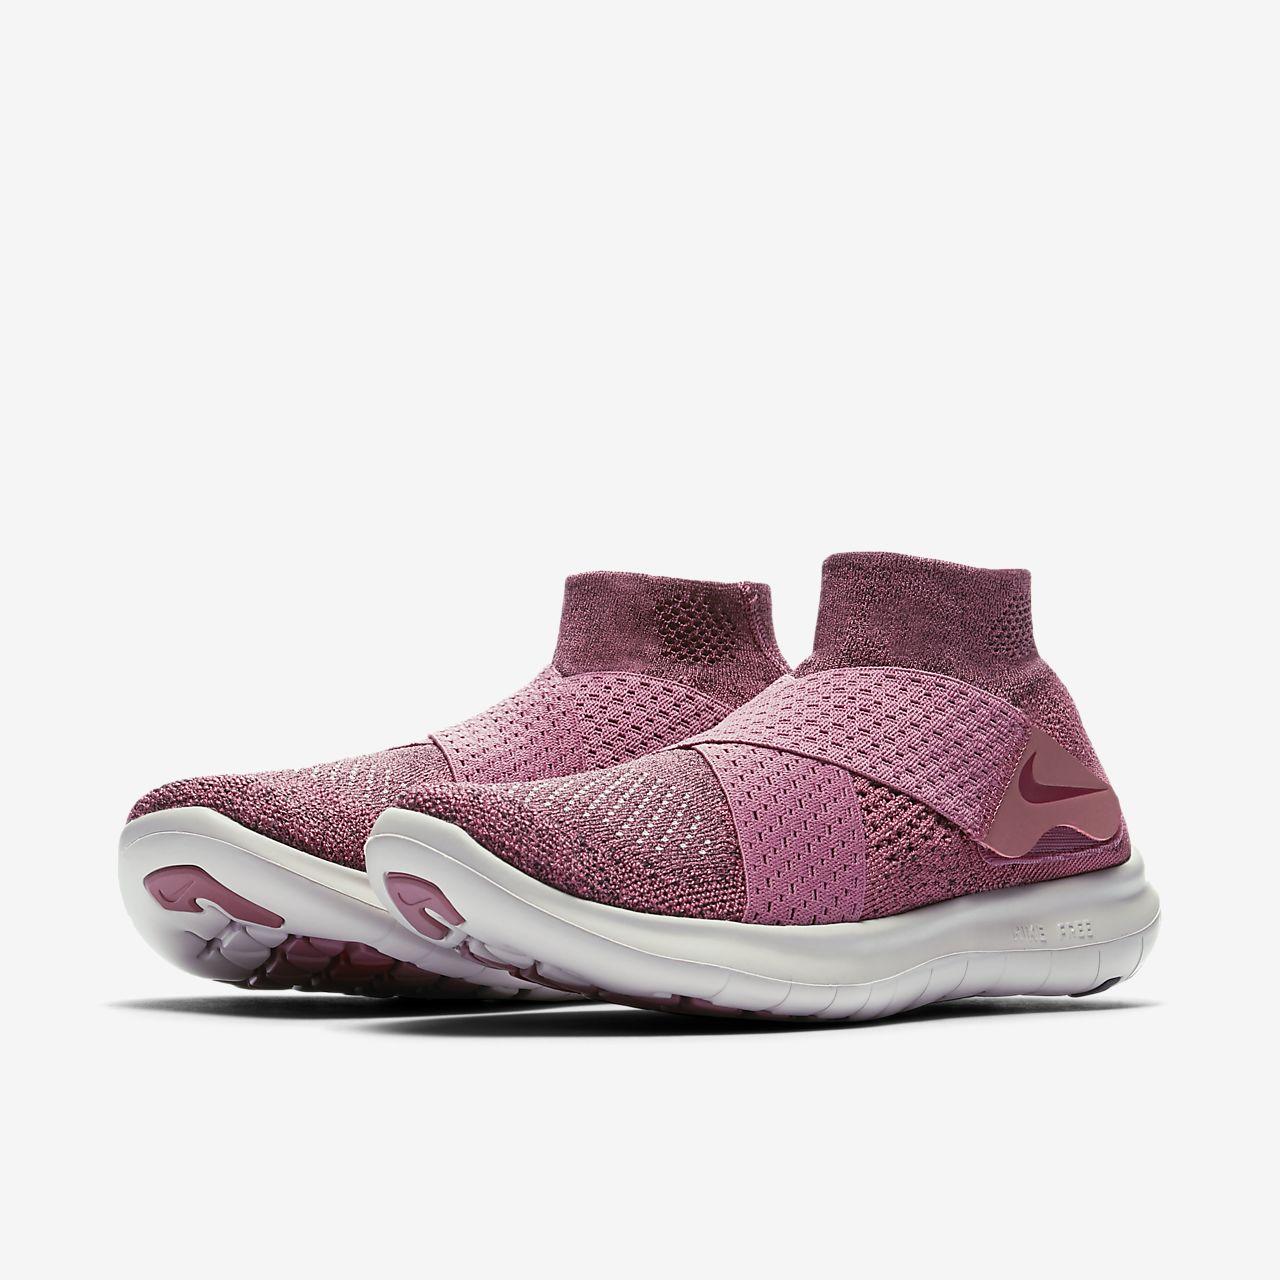 16d116da9b595 Nike Free RN Motion Flyknit 2017 Women s Running Shoe. Nike.com ZA